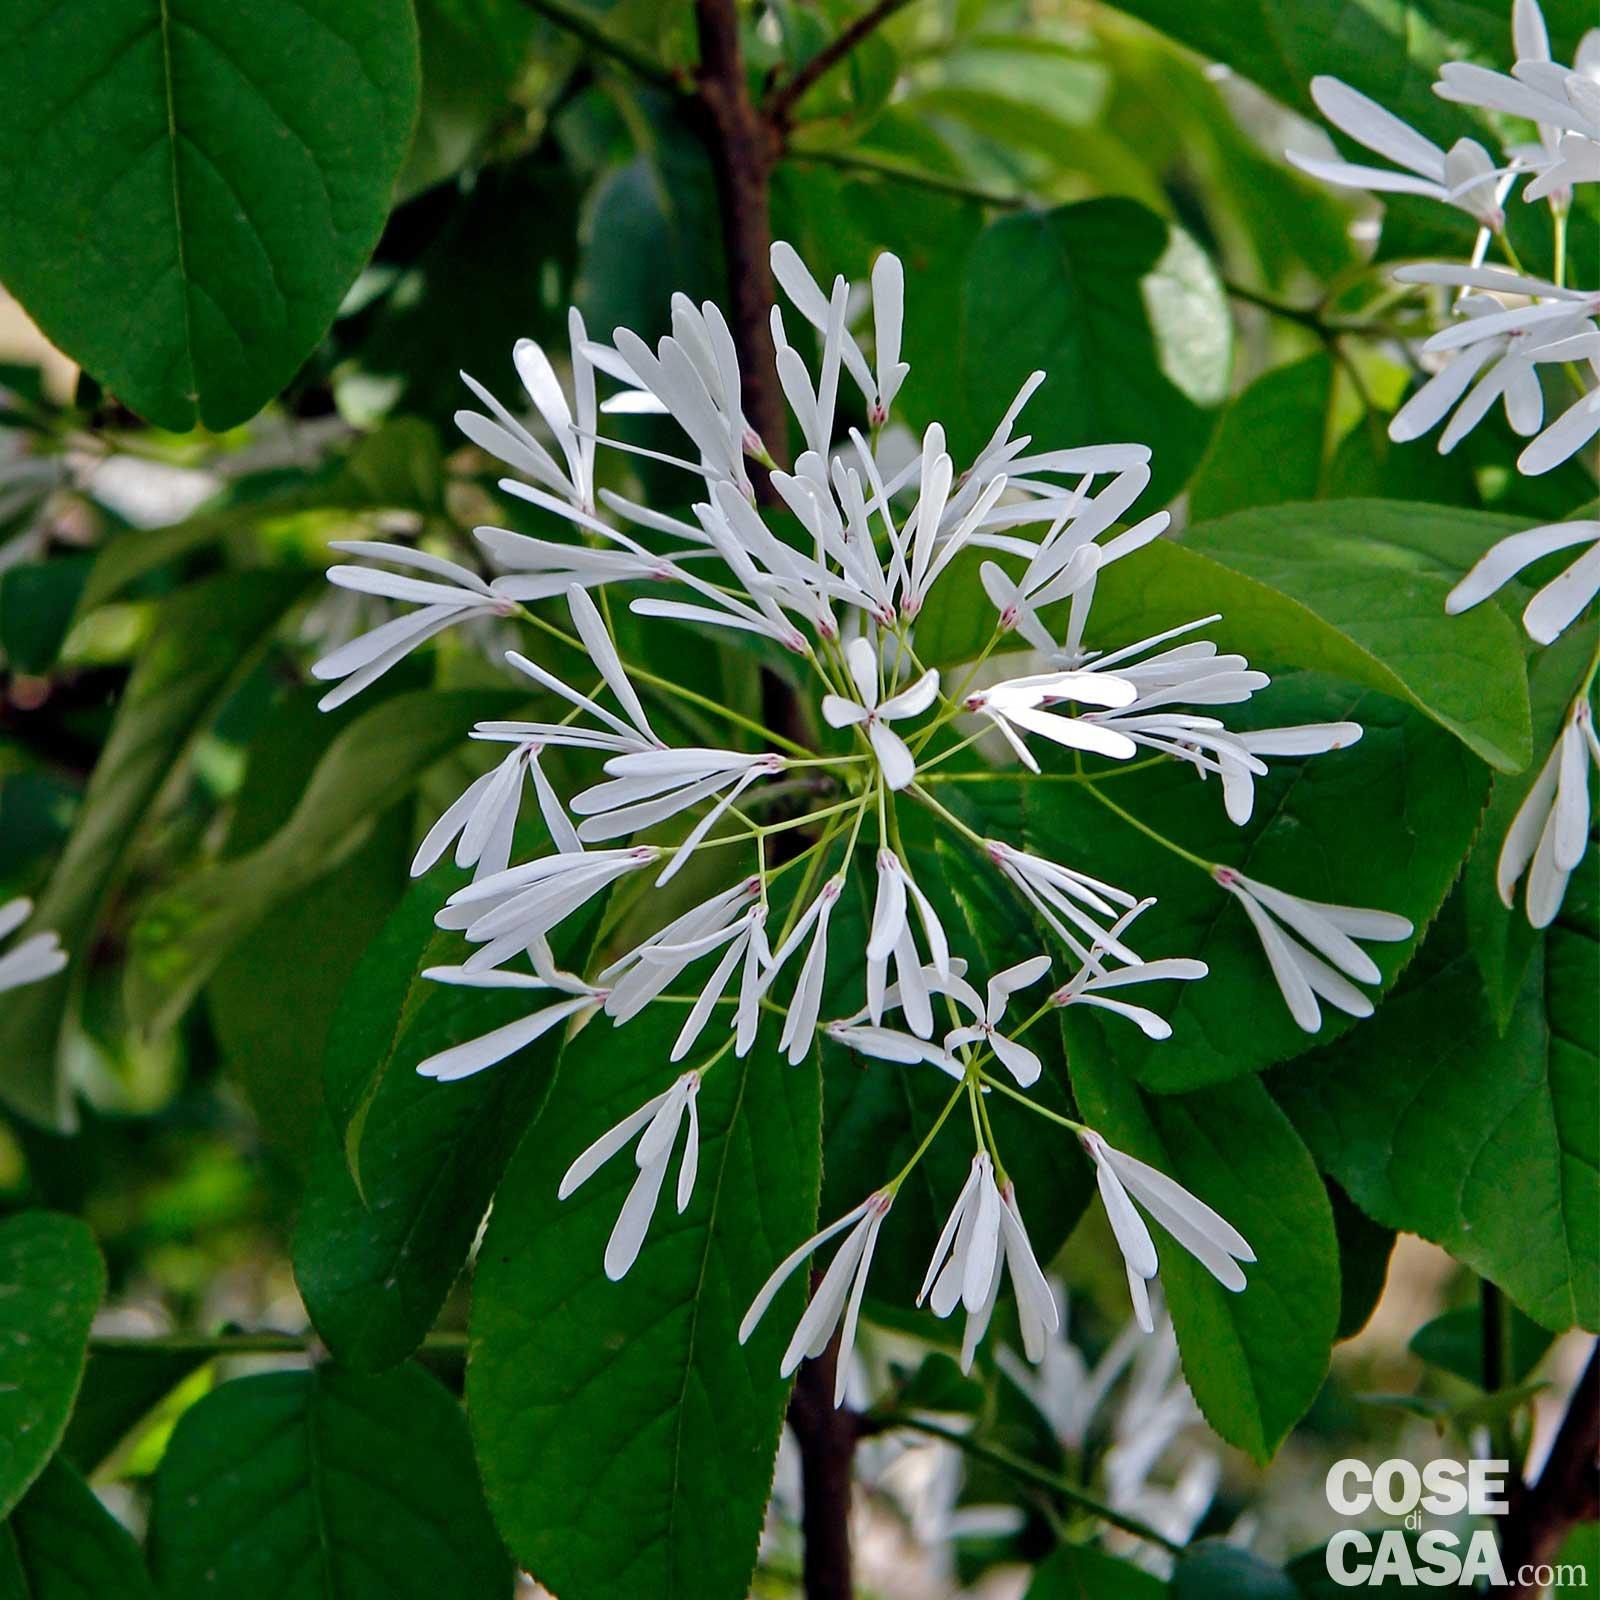 Cespugli Sempreverdi Con Fiori gli arbusti insoliti come forsizia bianca, rovi e esotiche